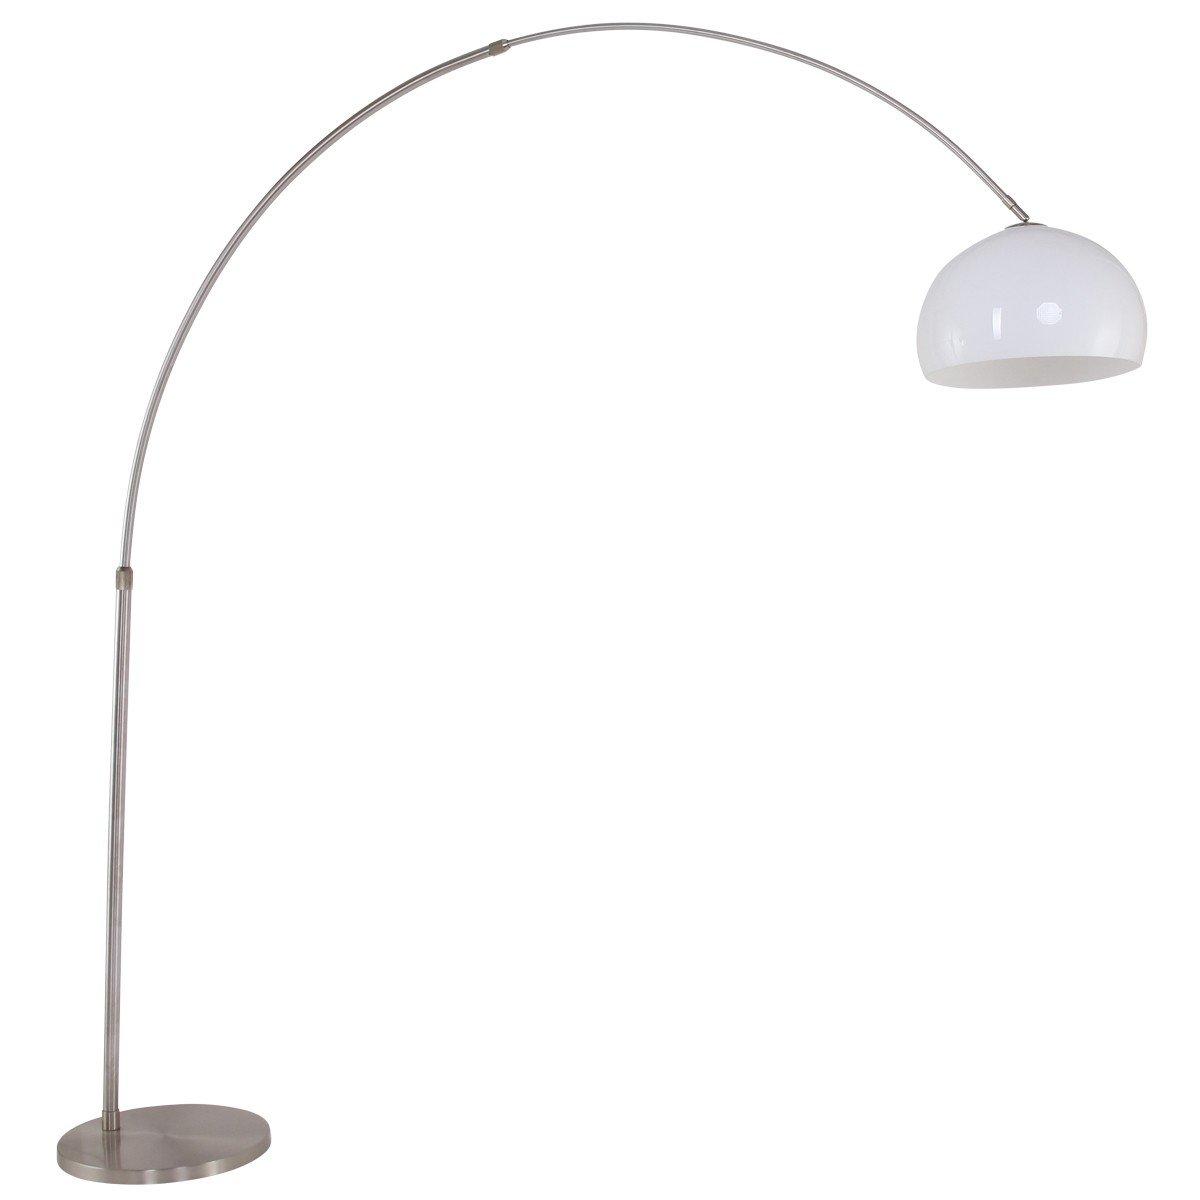 Vloerlamp Steinhauer Booglamp 9678ST